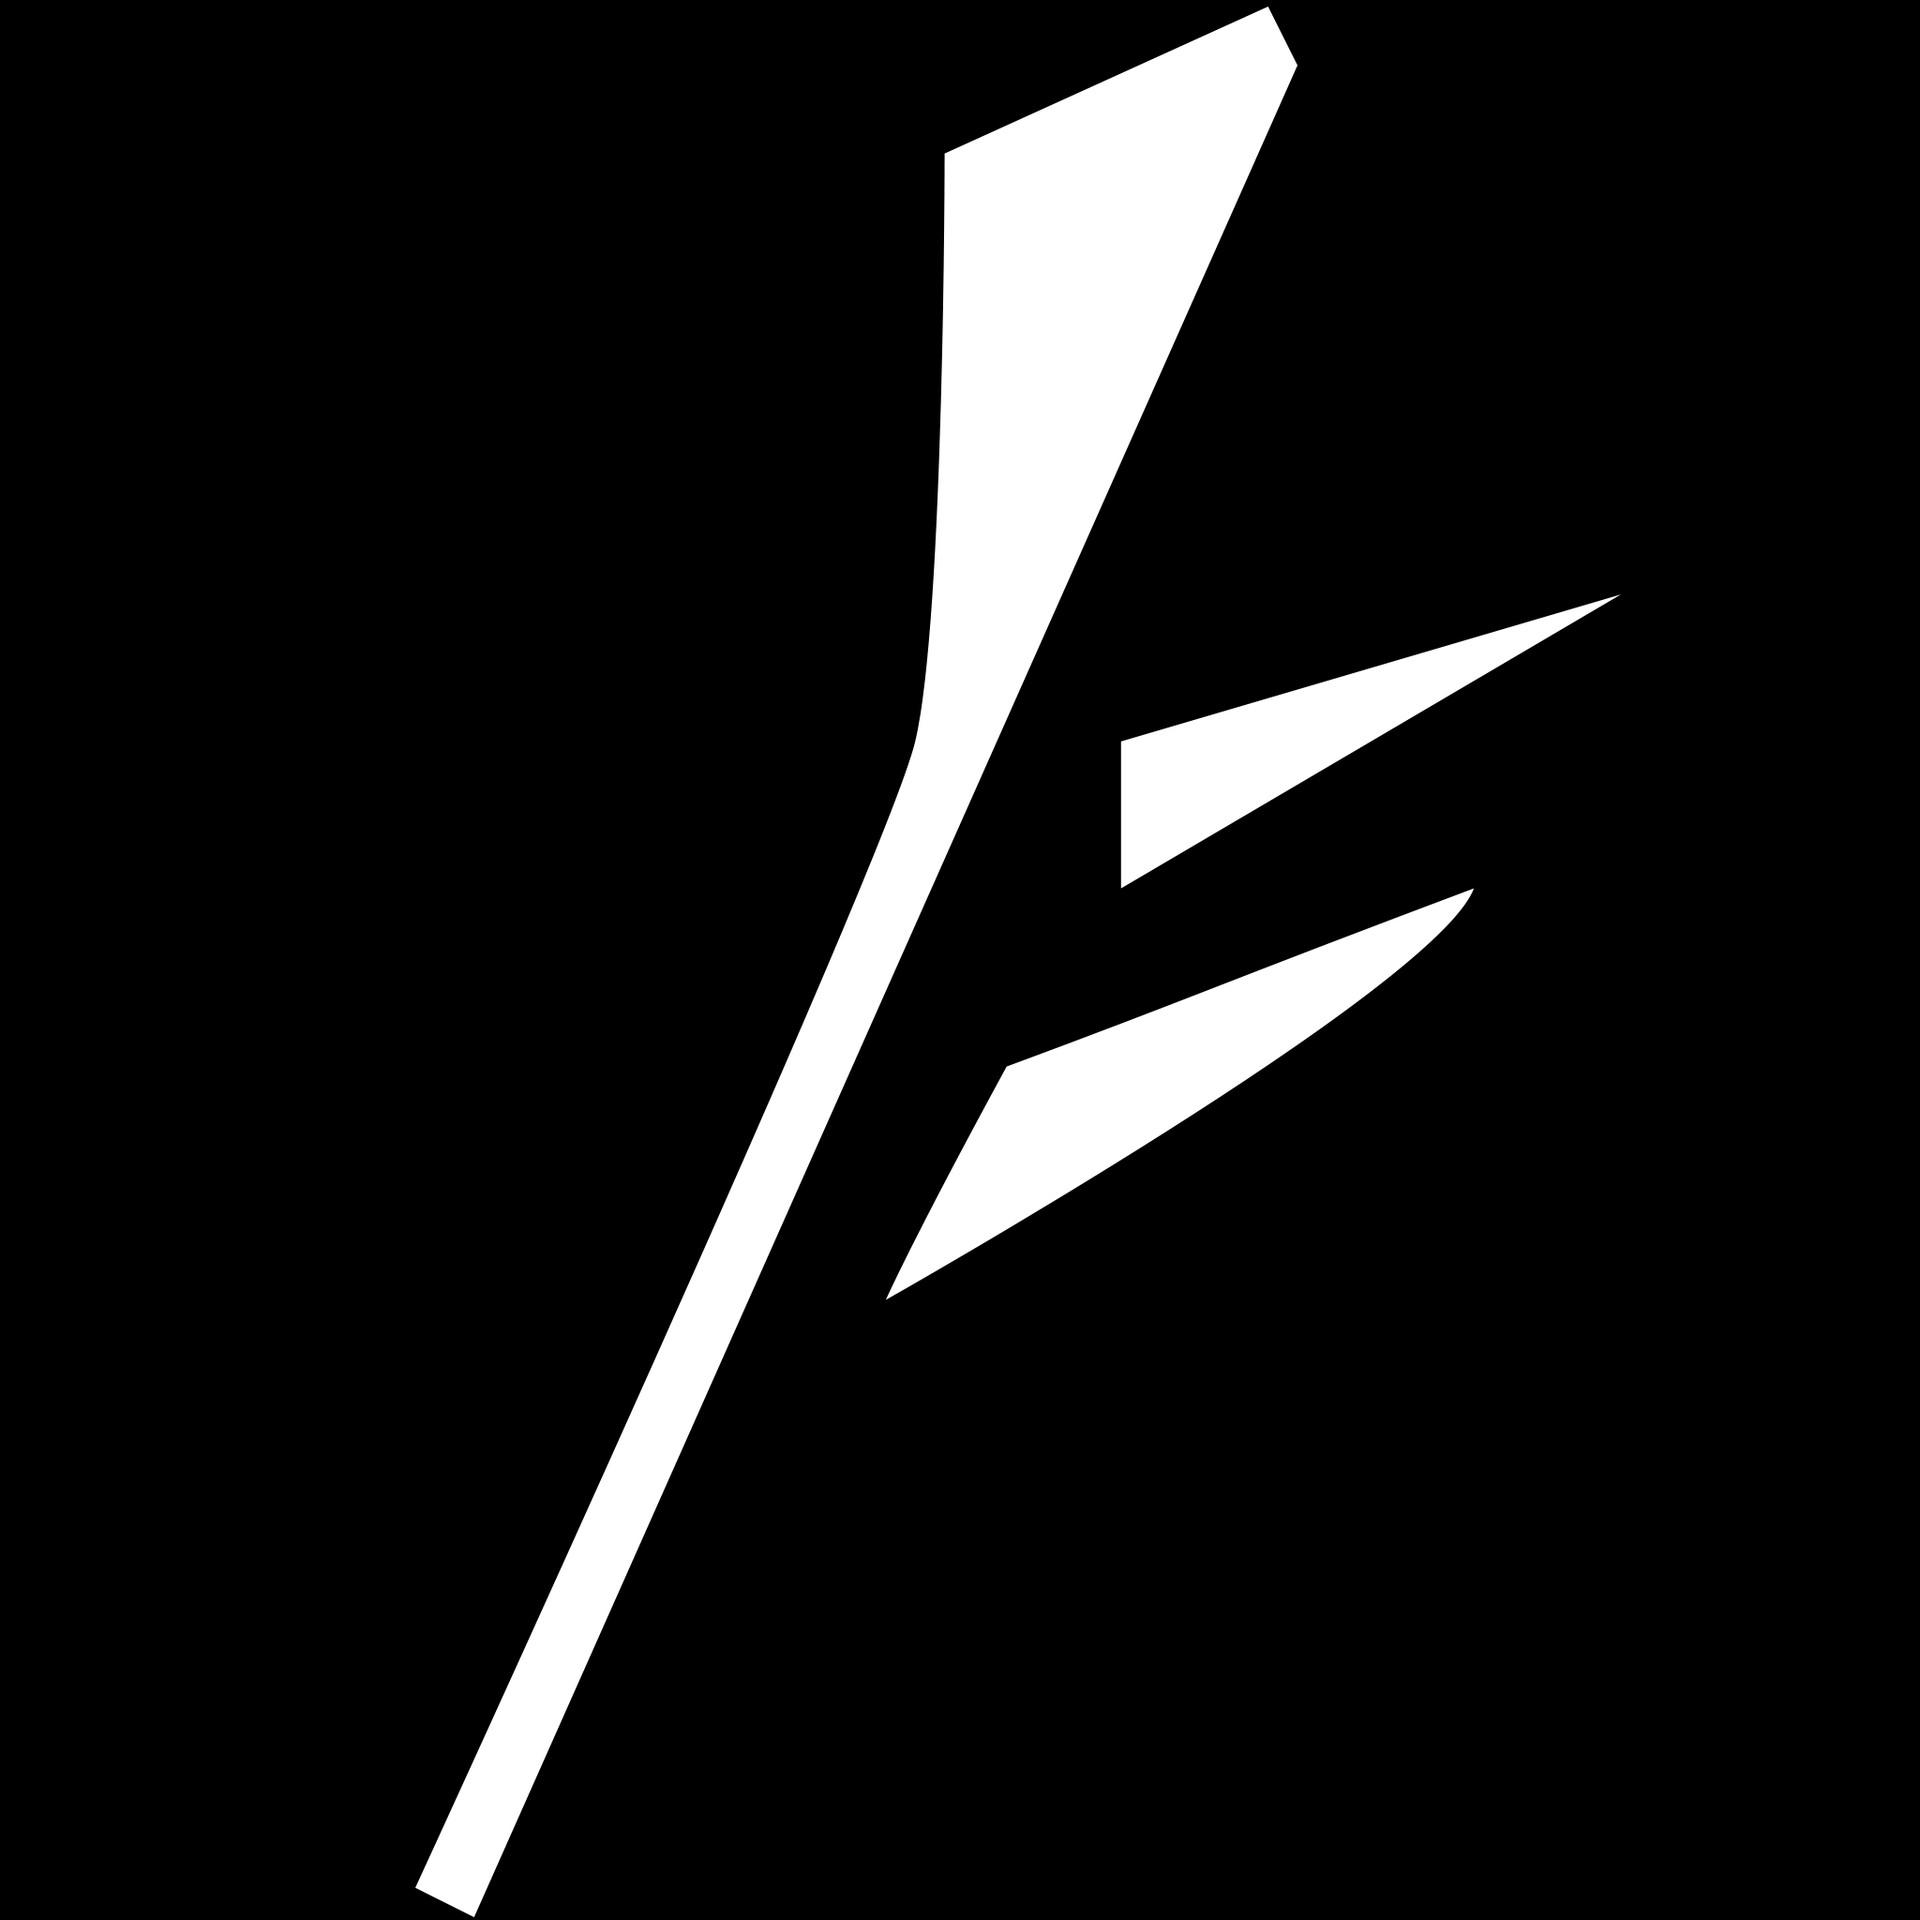 Matej chalachan rune 2 clr